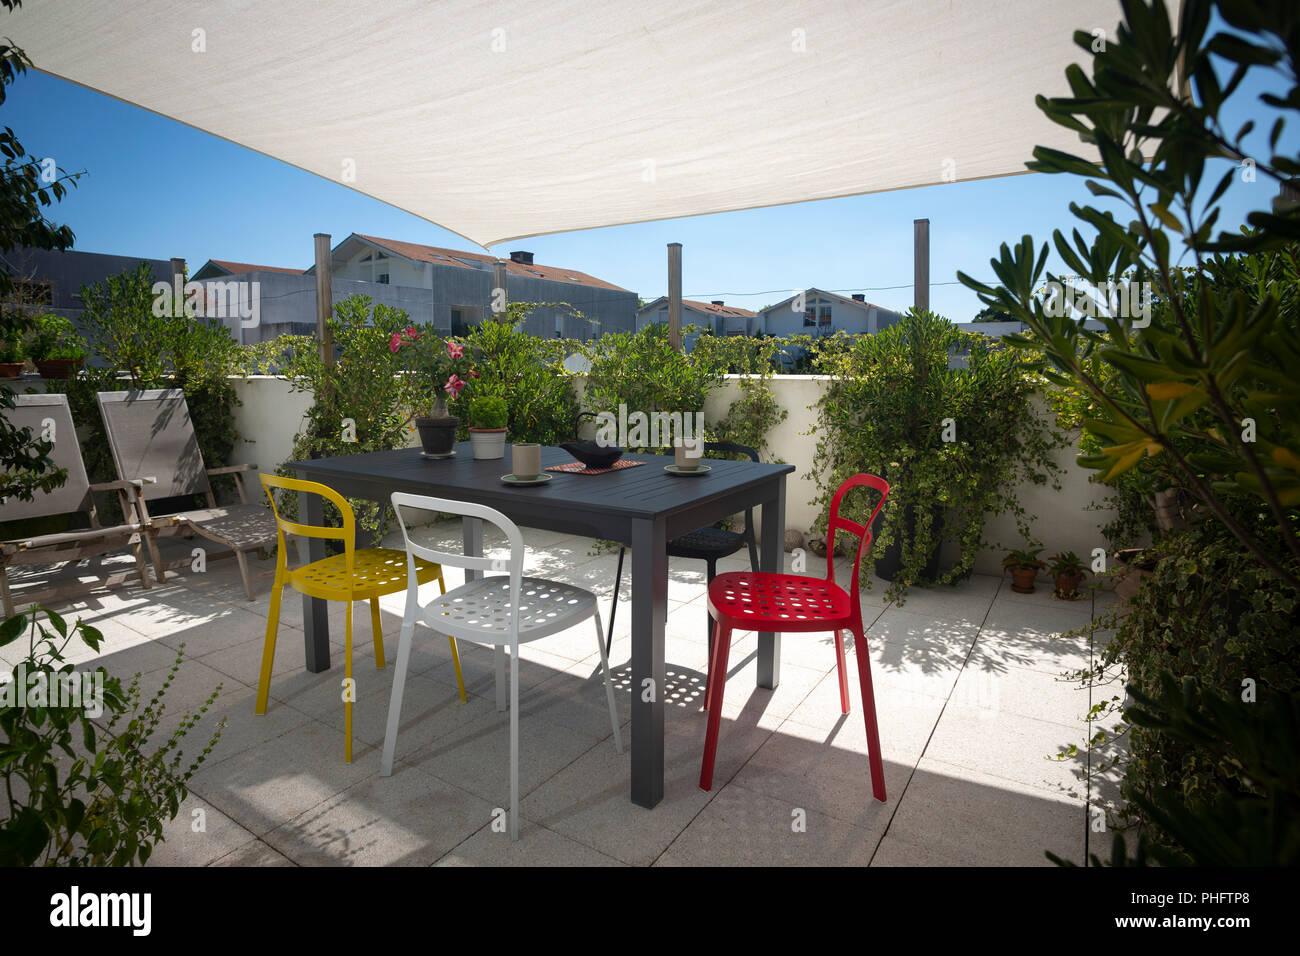 Die Terrasse Der Wohnung Mit Gartenmobeln Liegestuhlen Und